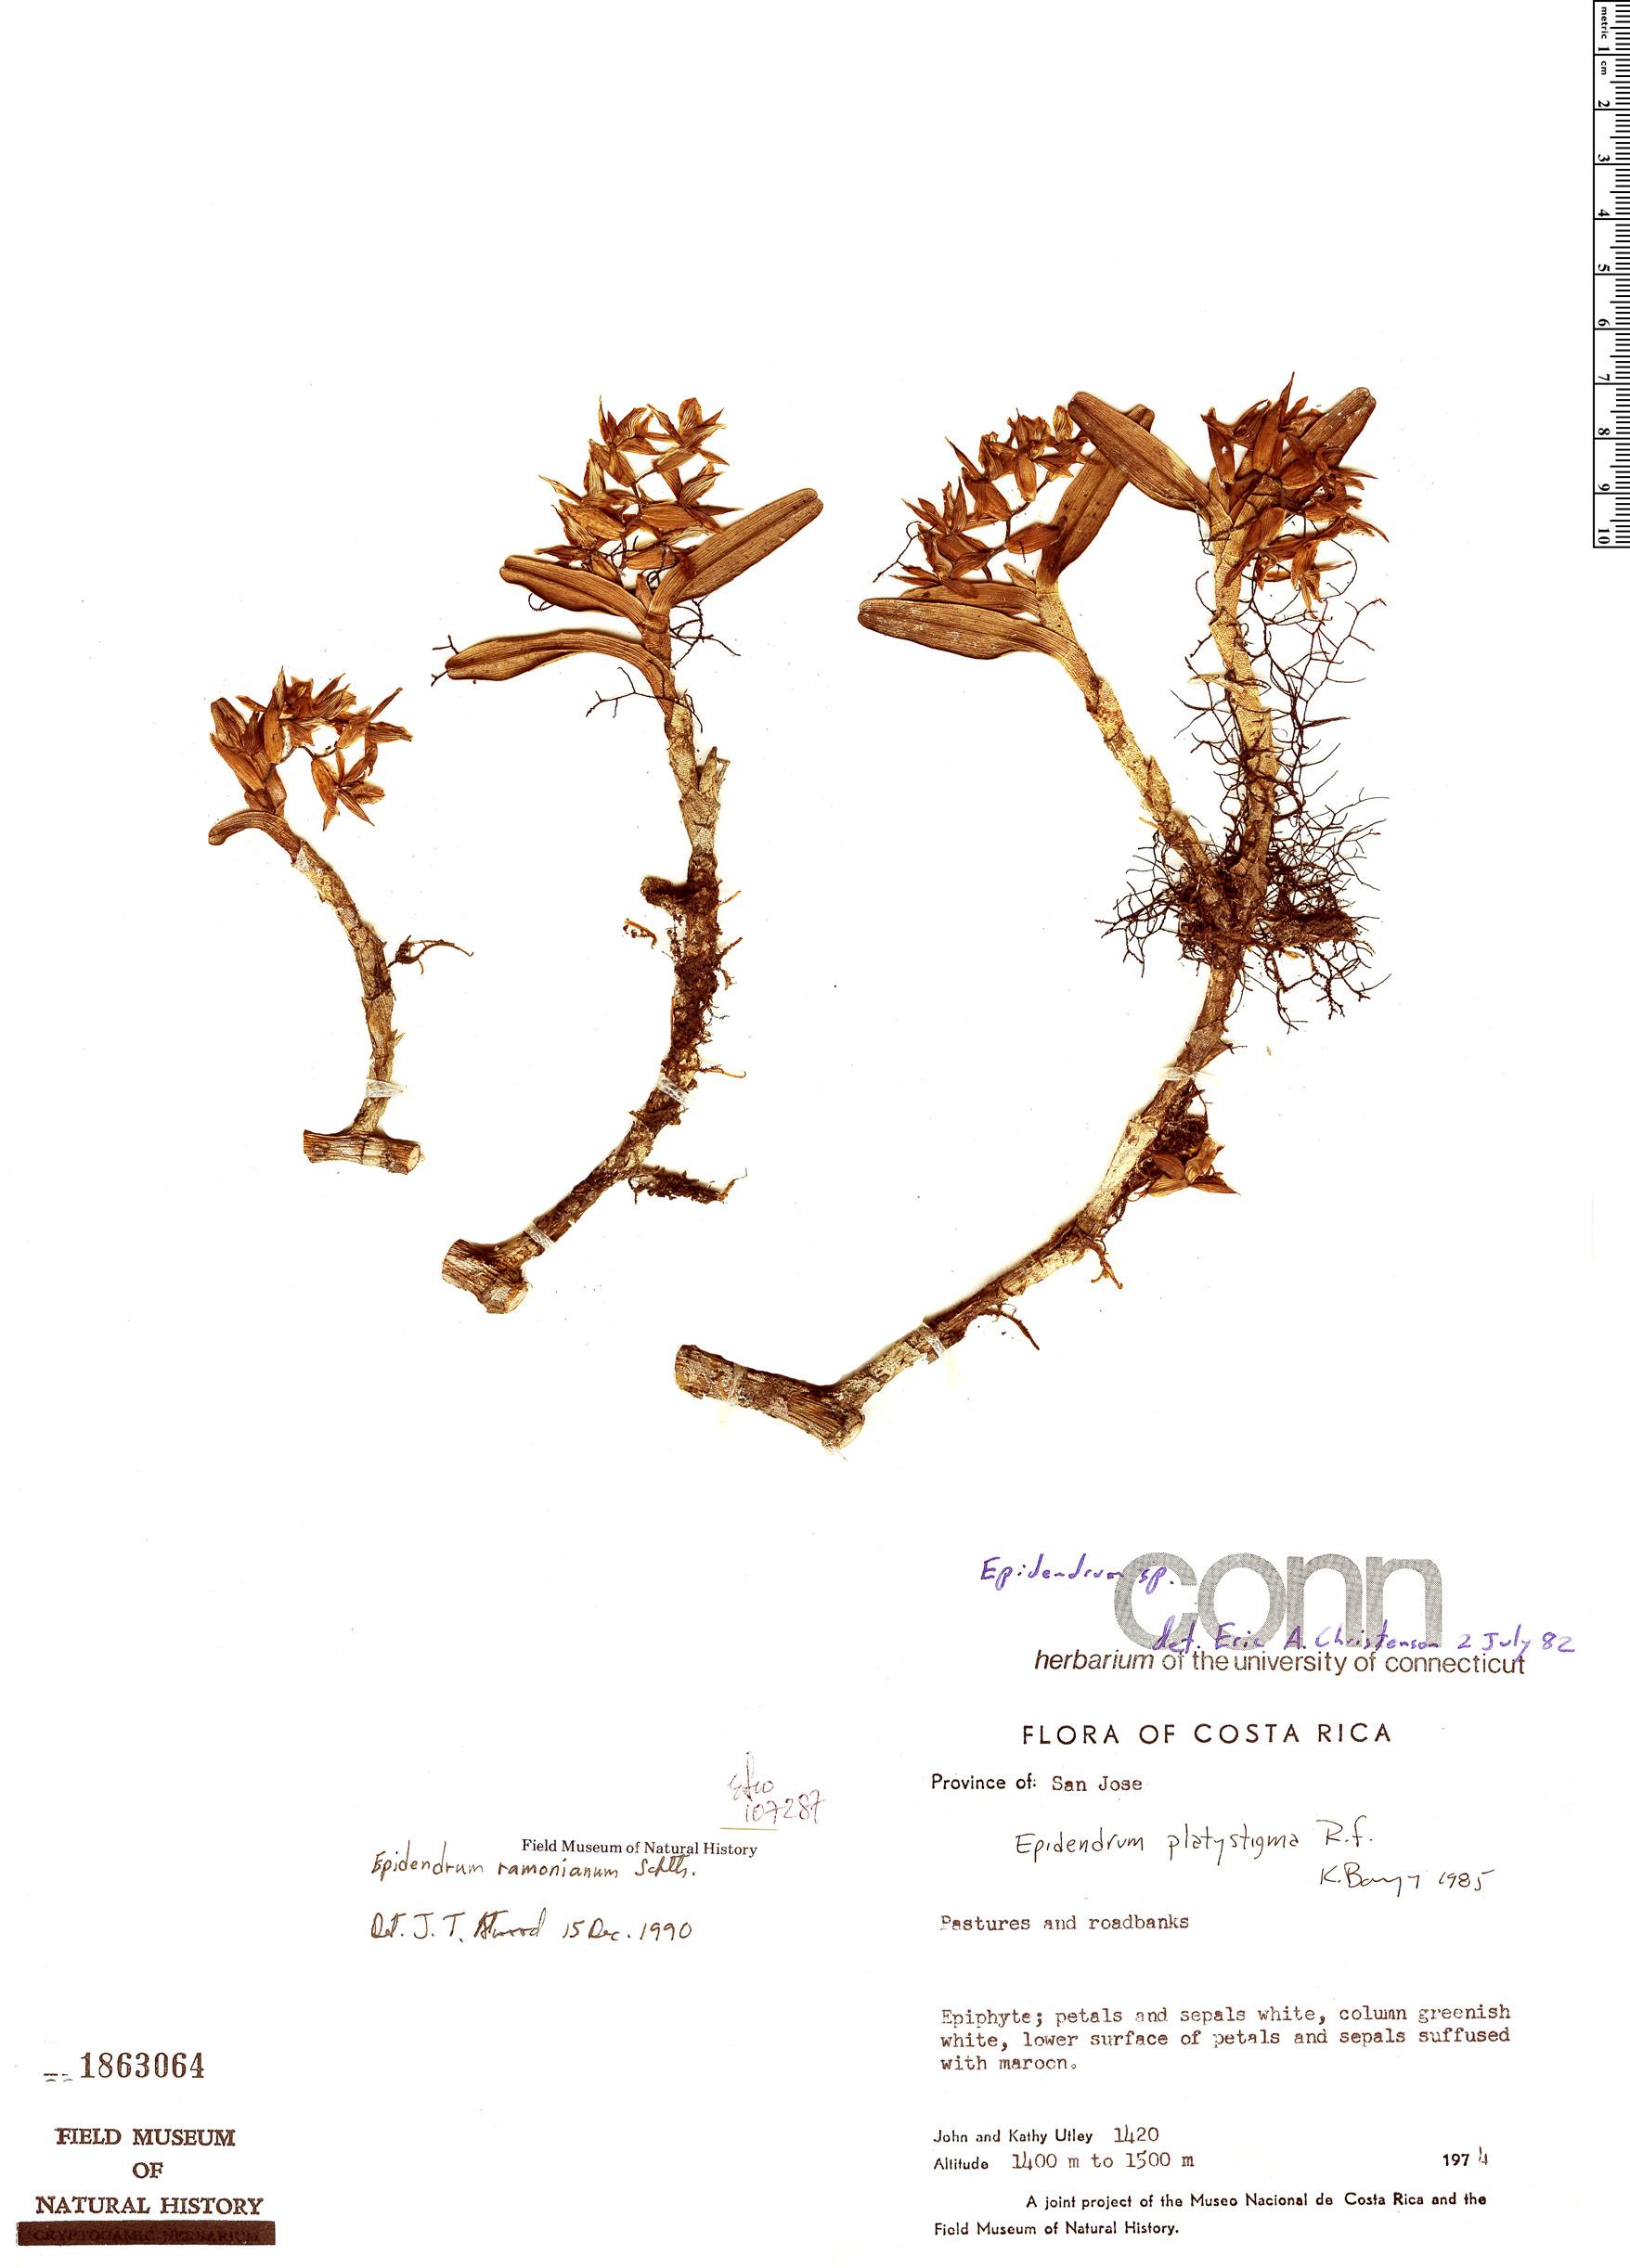 Specimen: Epidendrum ramonianum